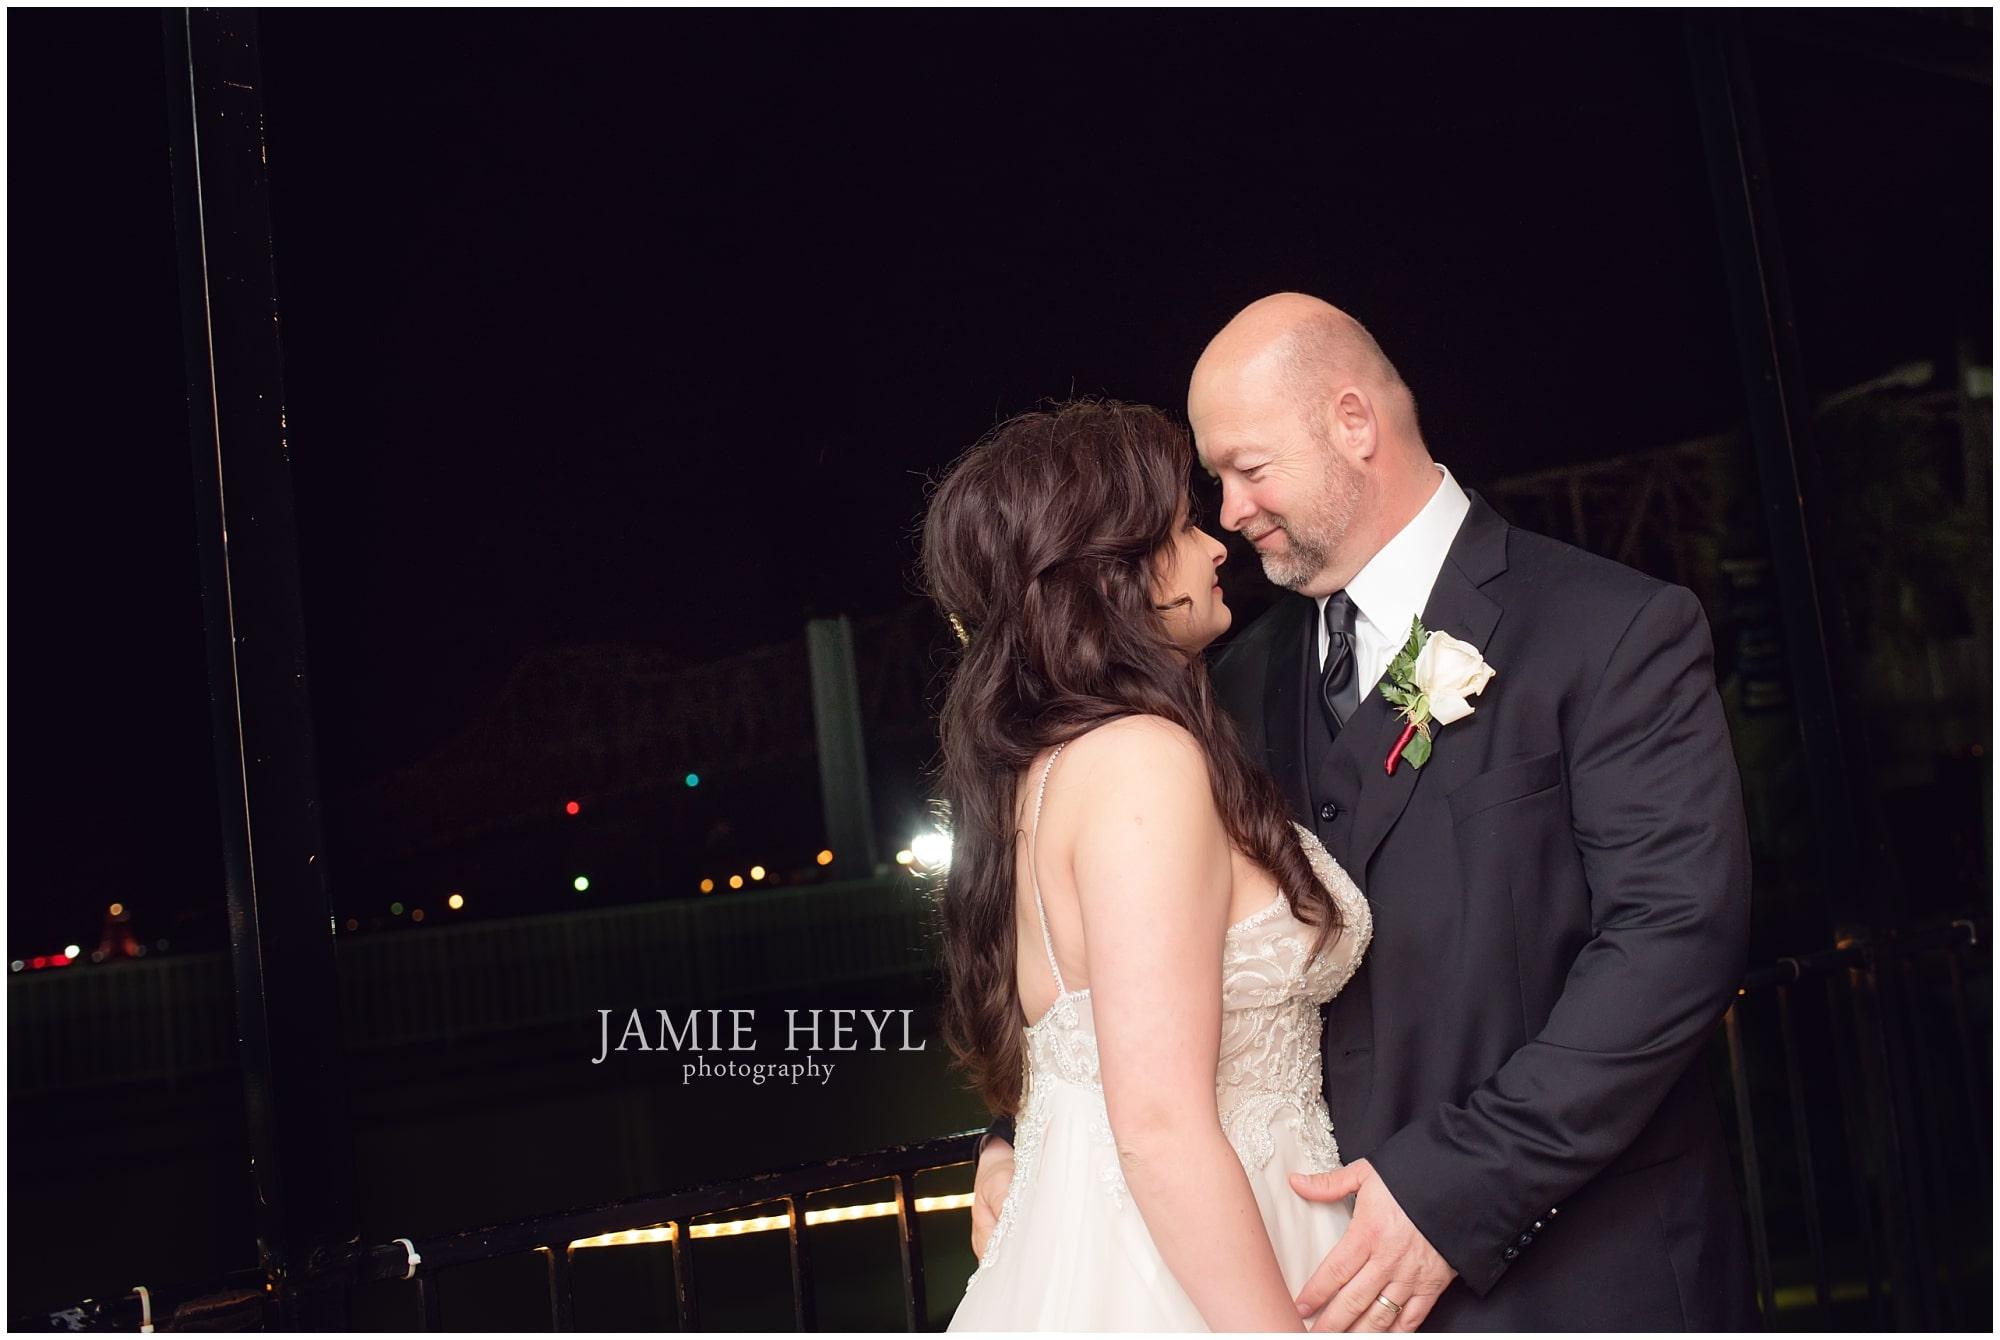 Morgan City bridge bride and groom